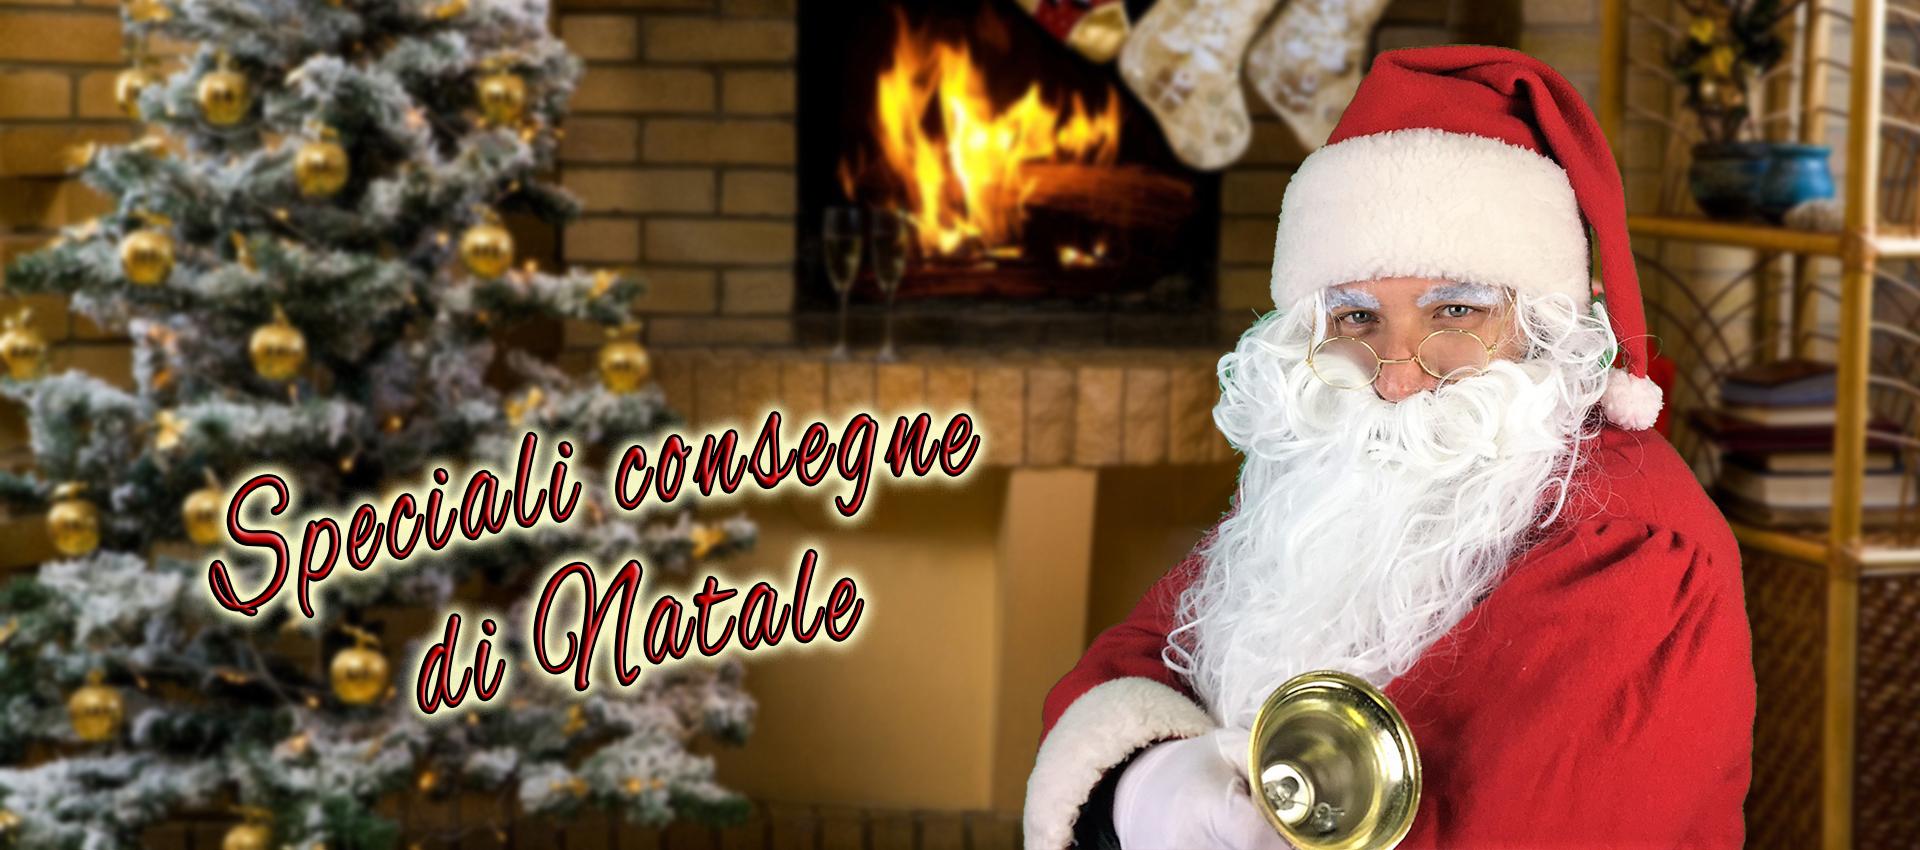 Sito Di Babbo Natale.Da Babbo Natale A Domicilio Con Consegna Regali Up Animazione